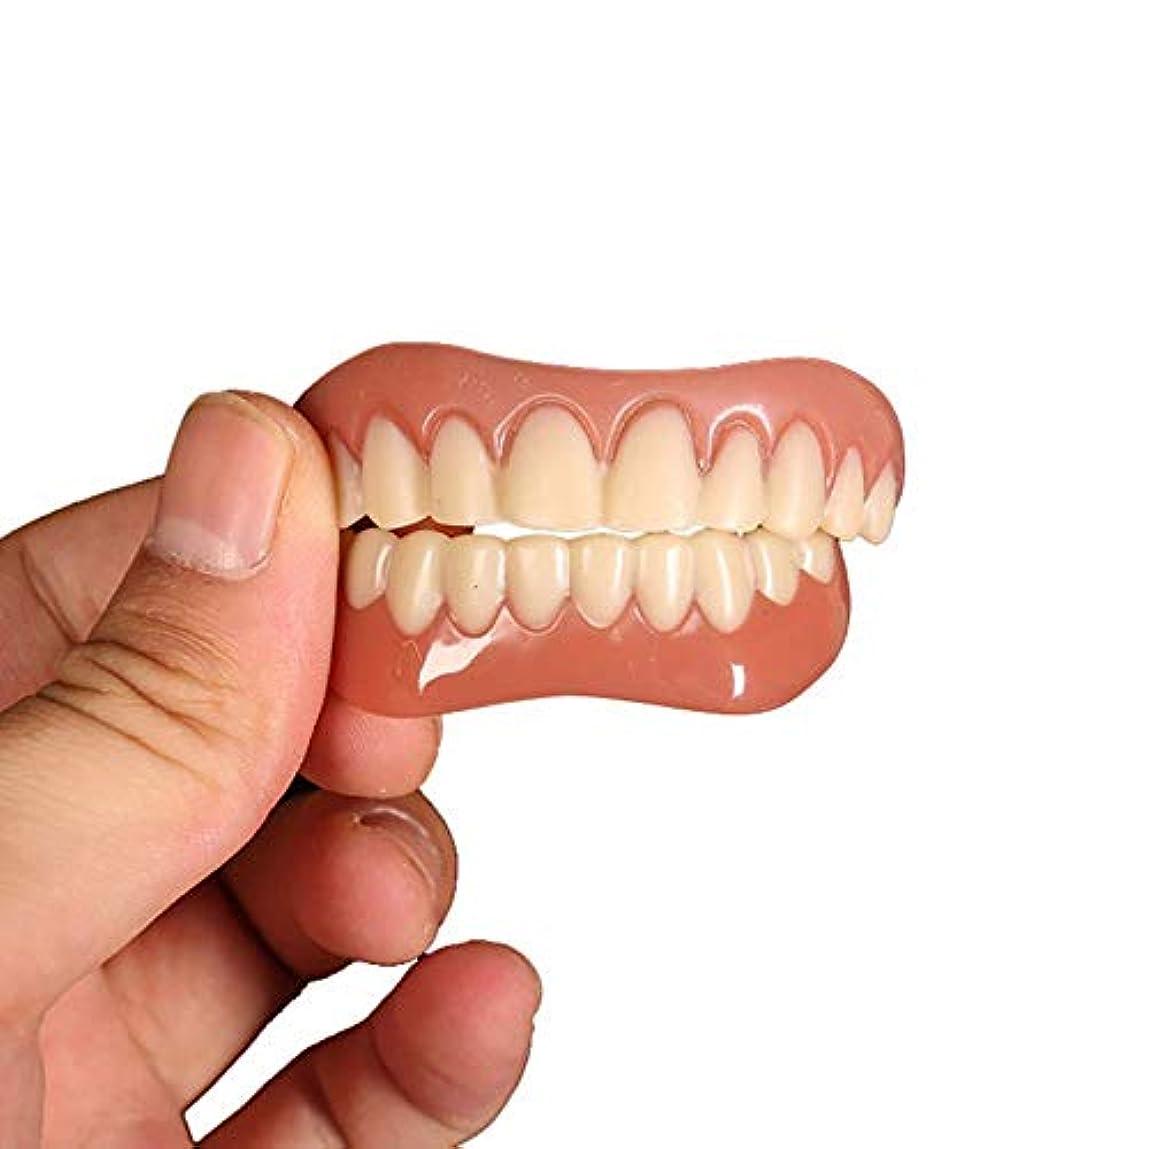 薄める小包過度に2対の歯の快適さフィットフレックス化粧品の歯義歯の歯のトップ化粧品のベニヤシミュレーションブレース(下+上)